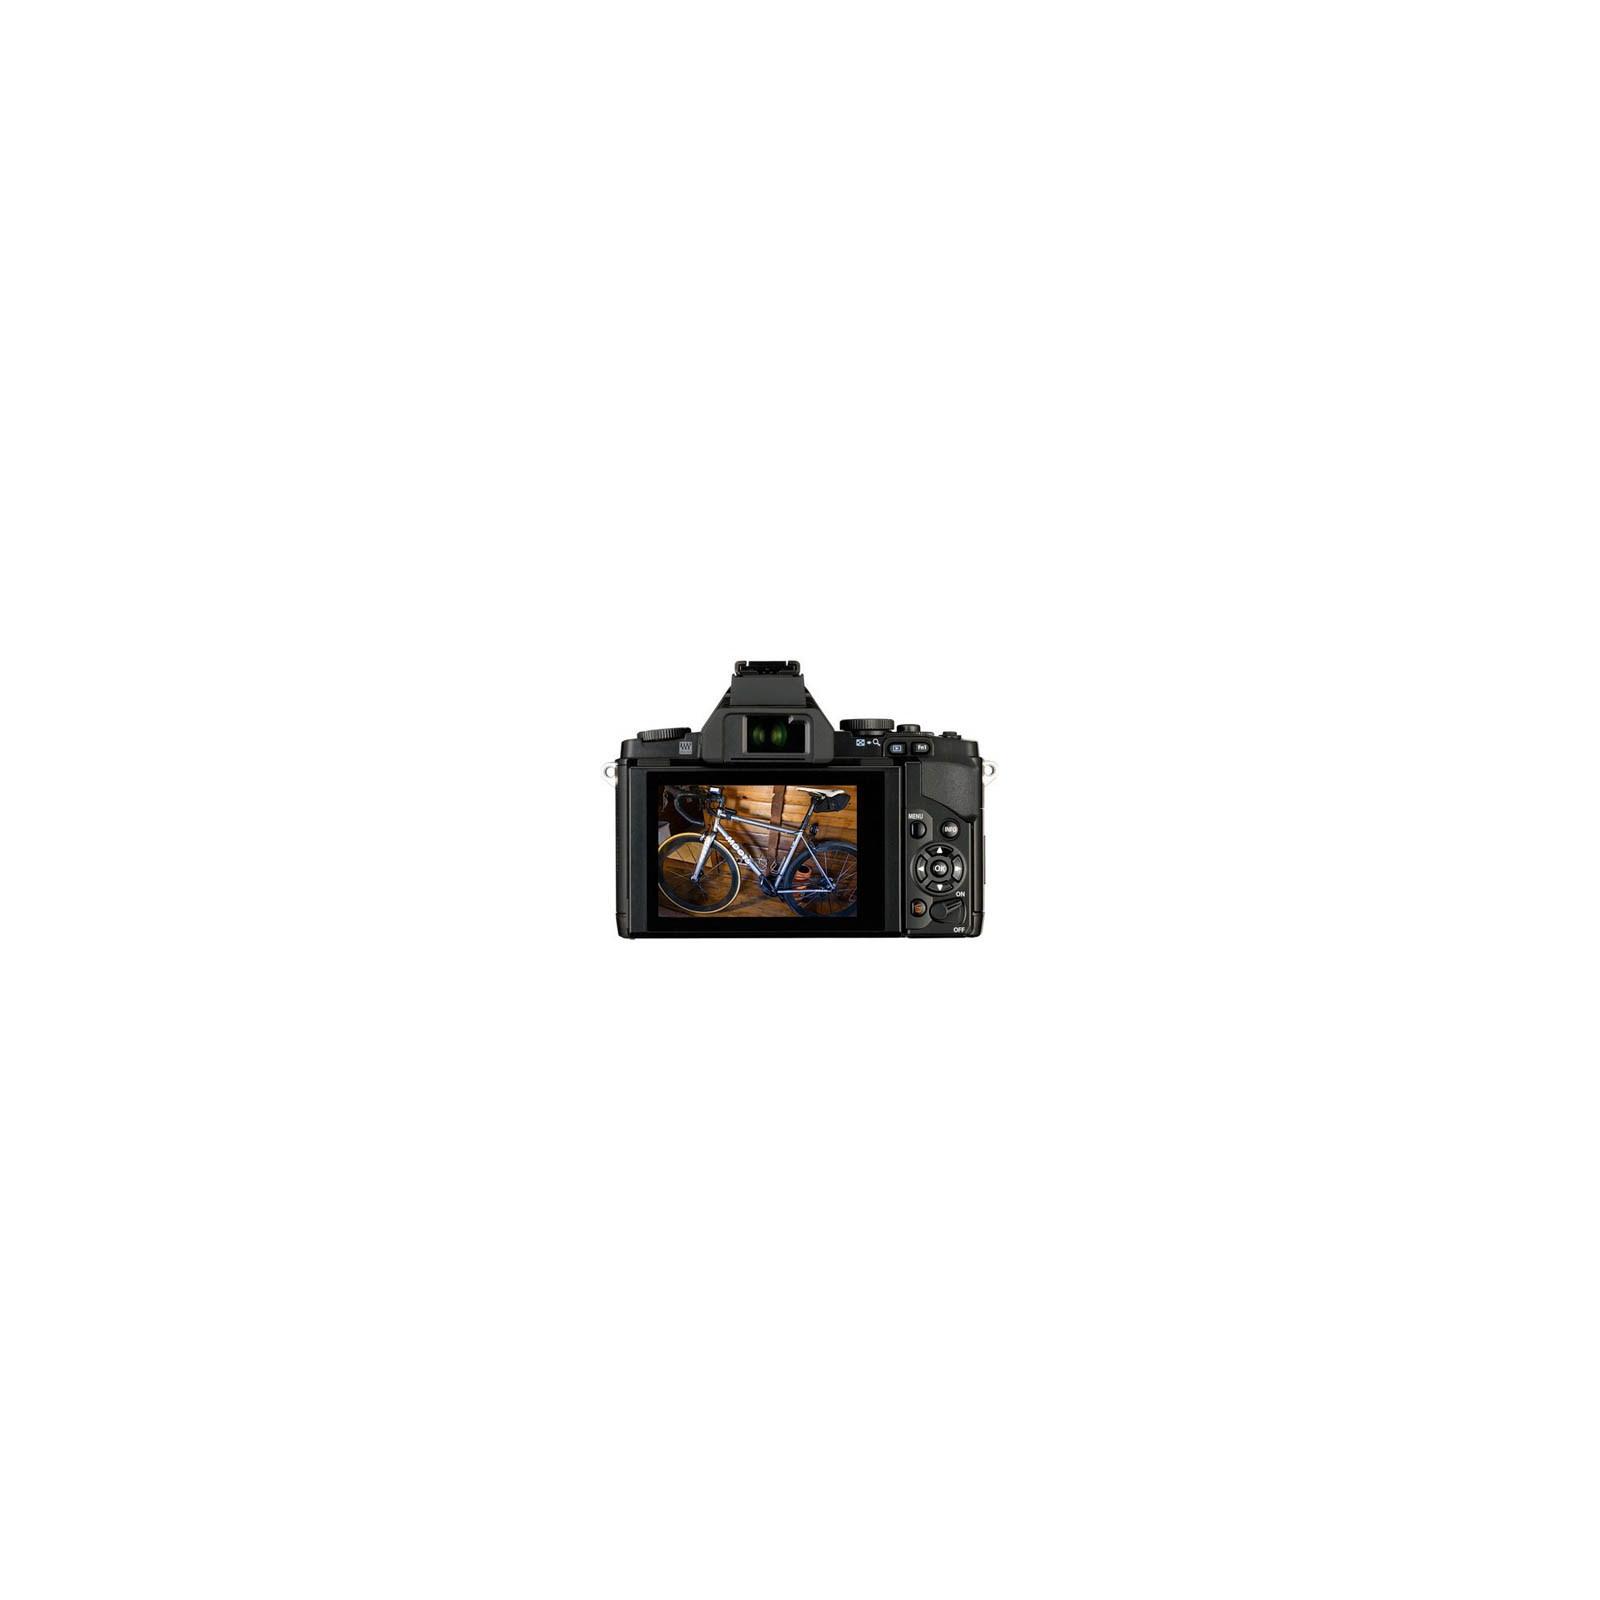 Цифровой фотоаппарат OLYMPUS OM-D E-M5 12-50 kit black/black (V204045BE000) изображение 2